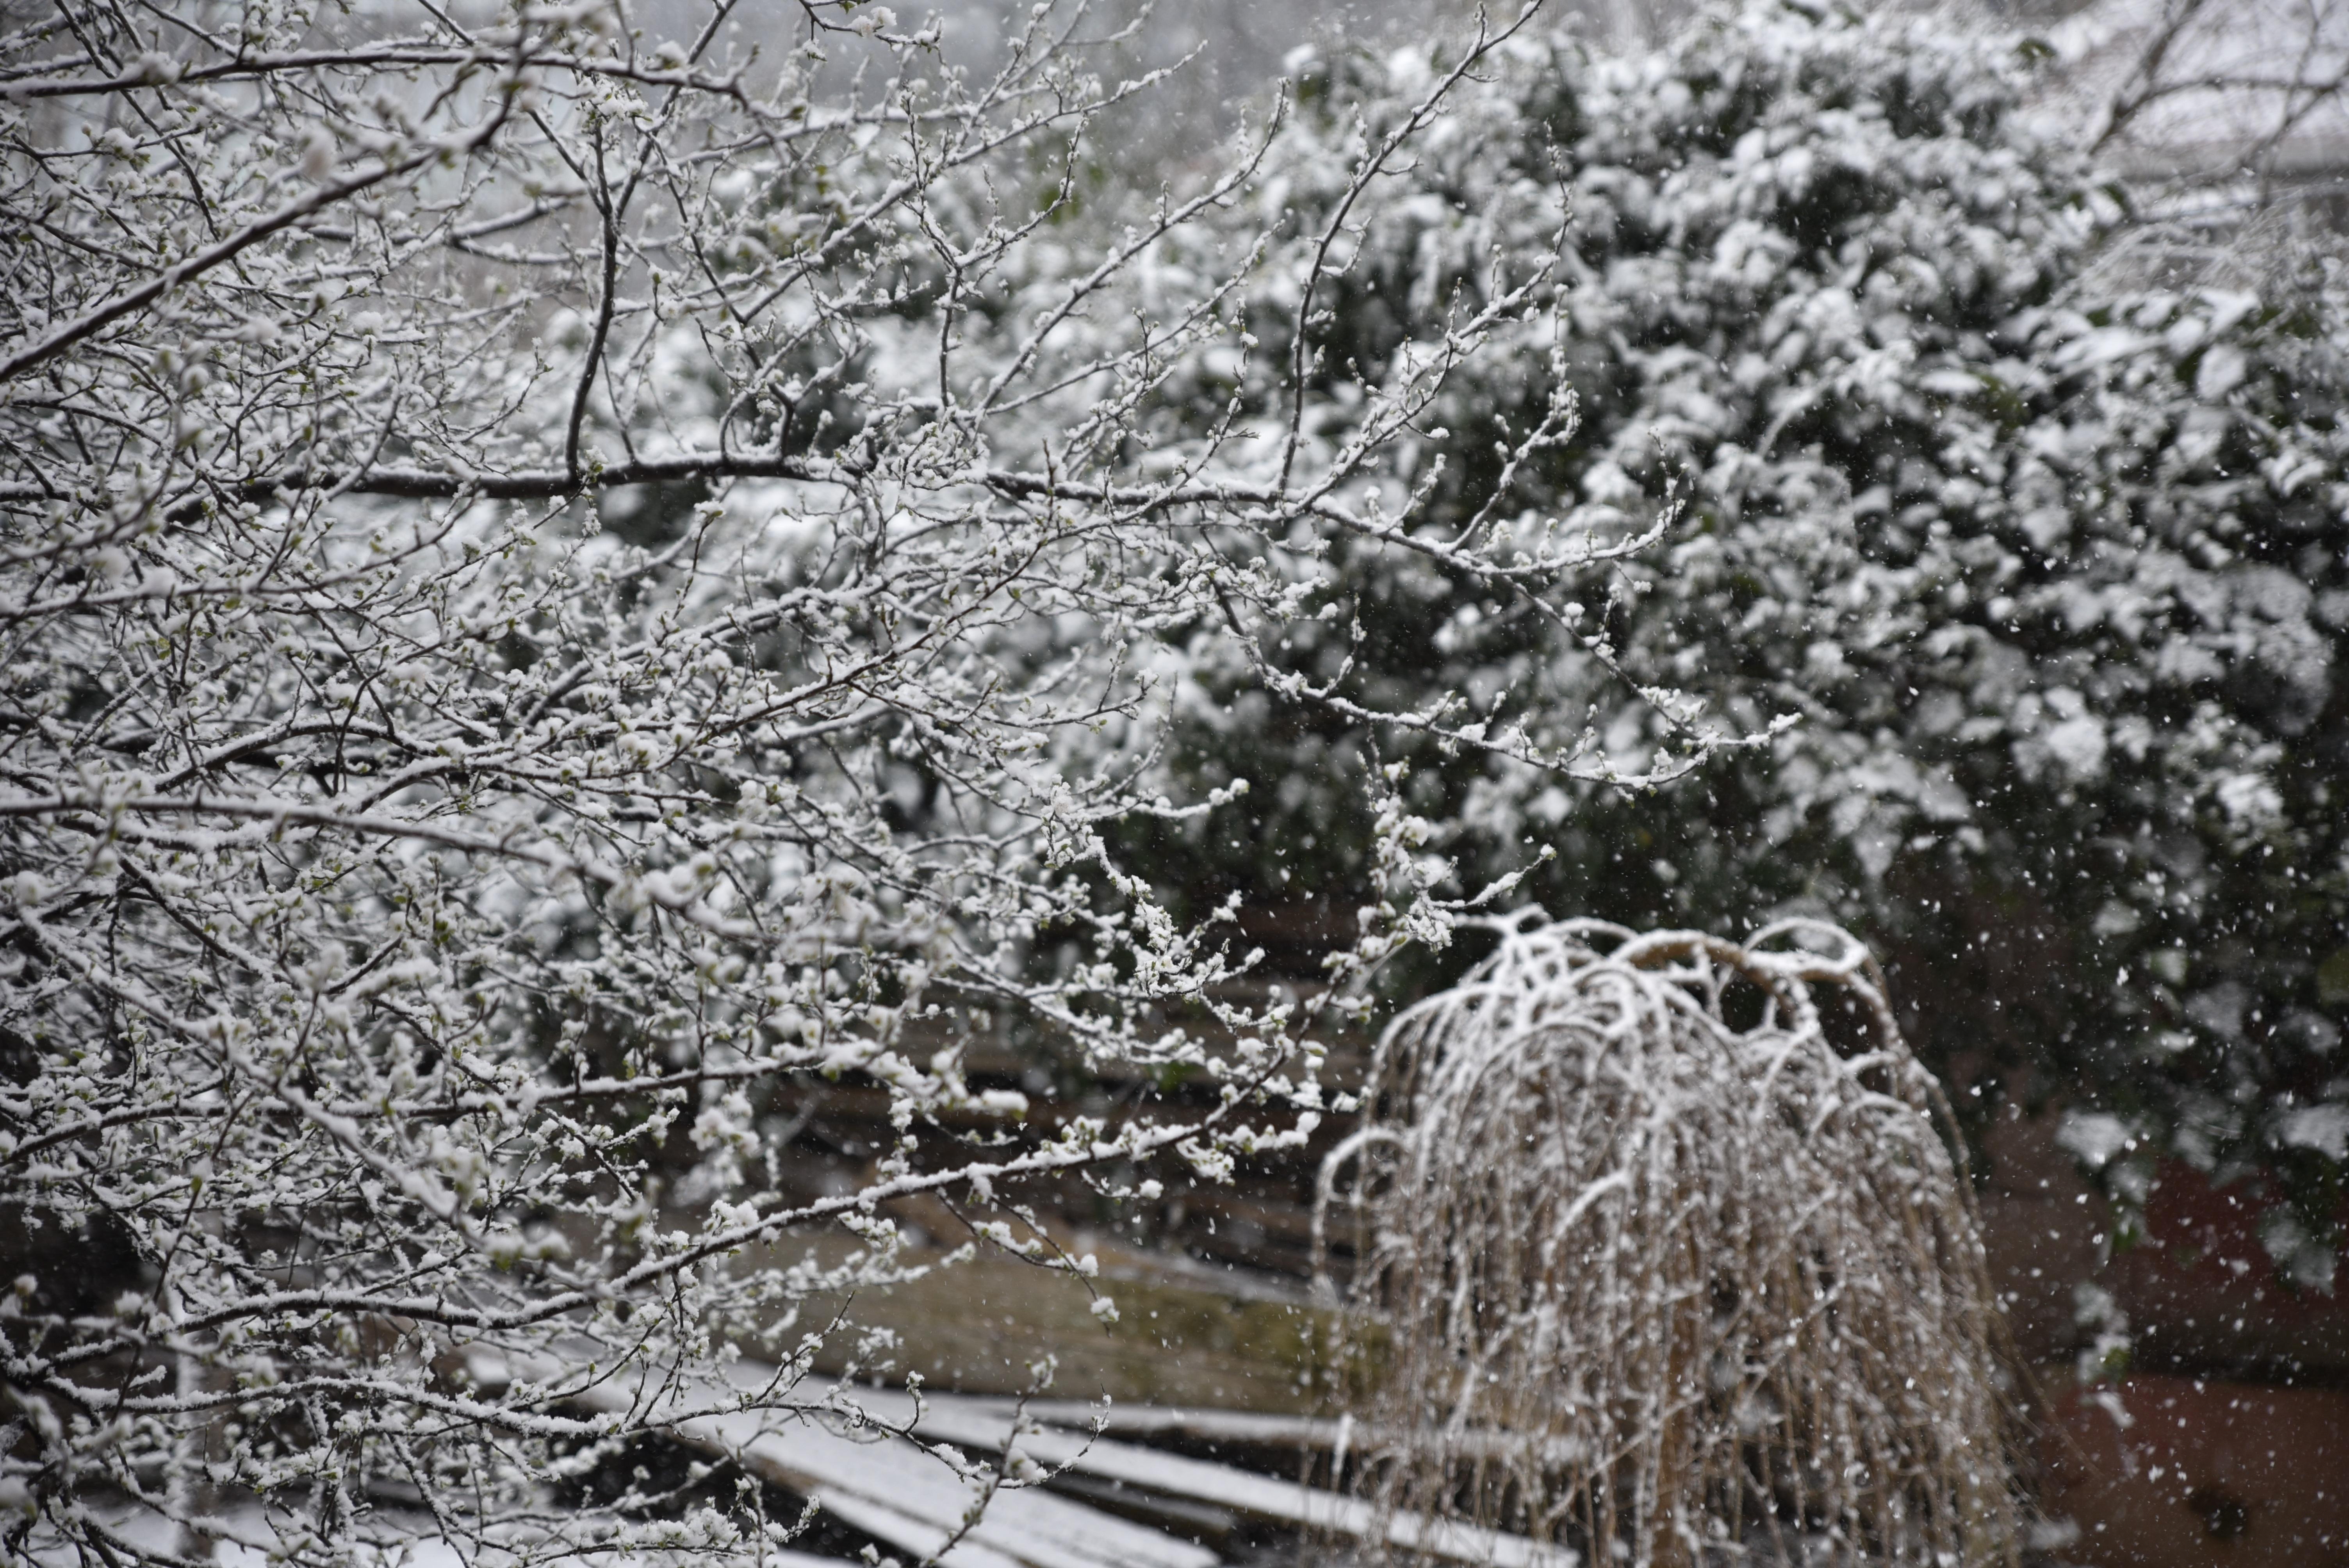 забывайте подниматься картинки зима дождь без цветаева дочерей, могла